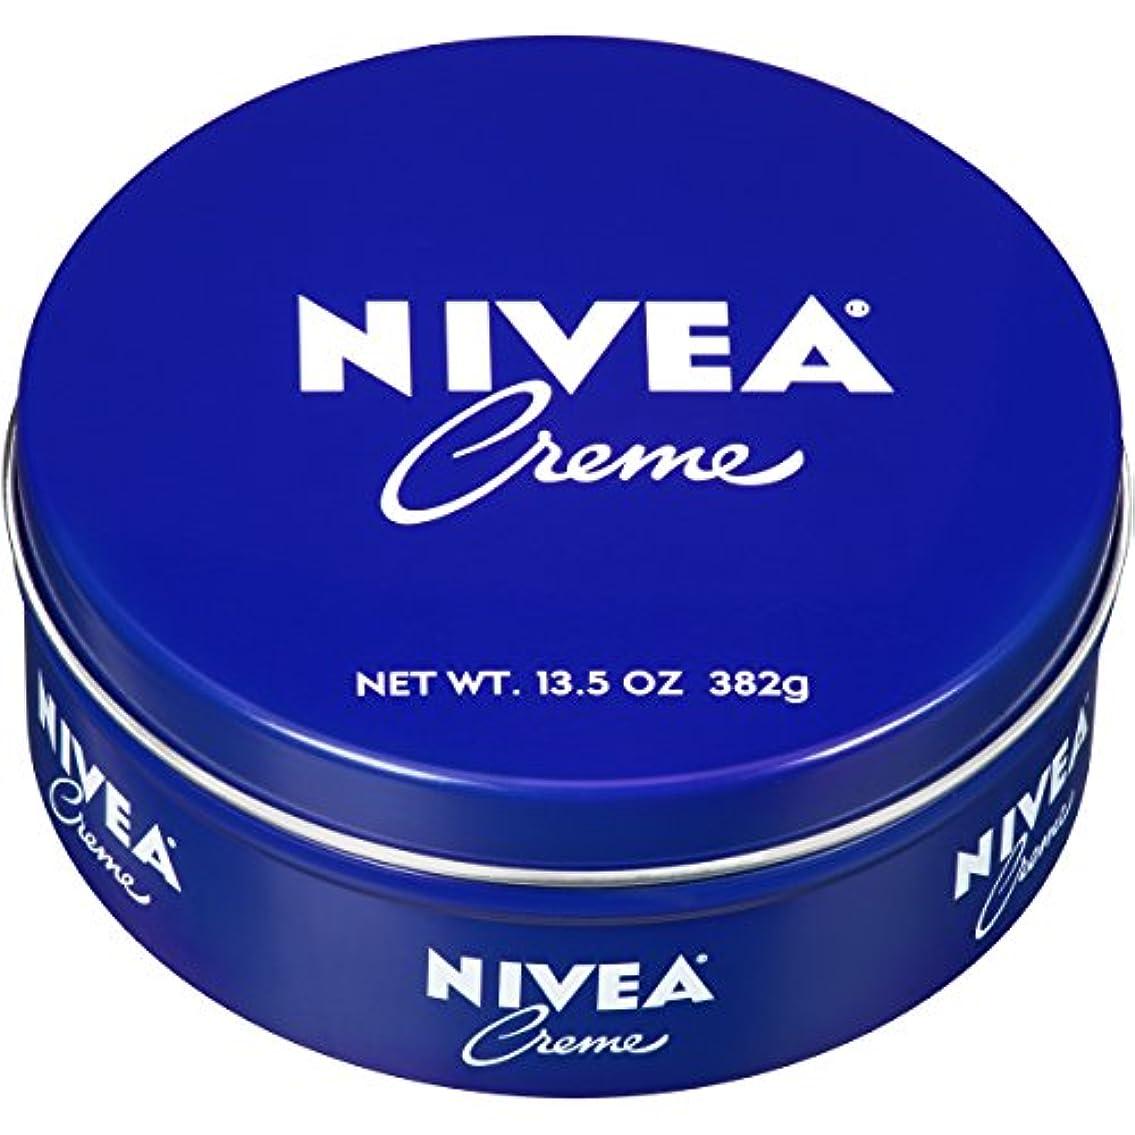 に対応気楽な拒絶NIVEA ニベア クリーム 特大サイズ 400g アルミ缶